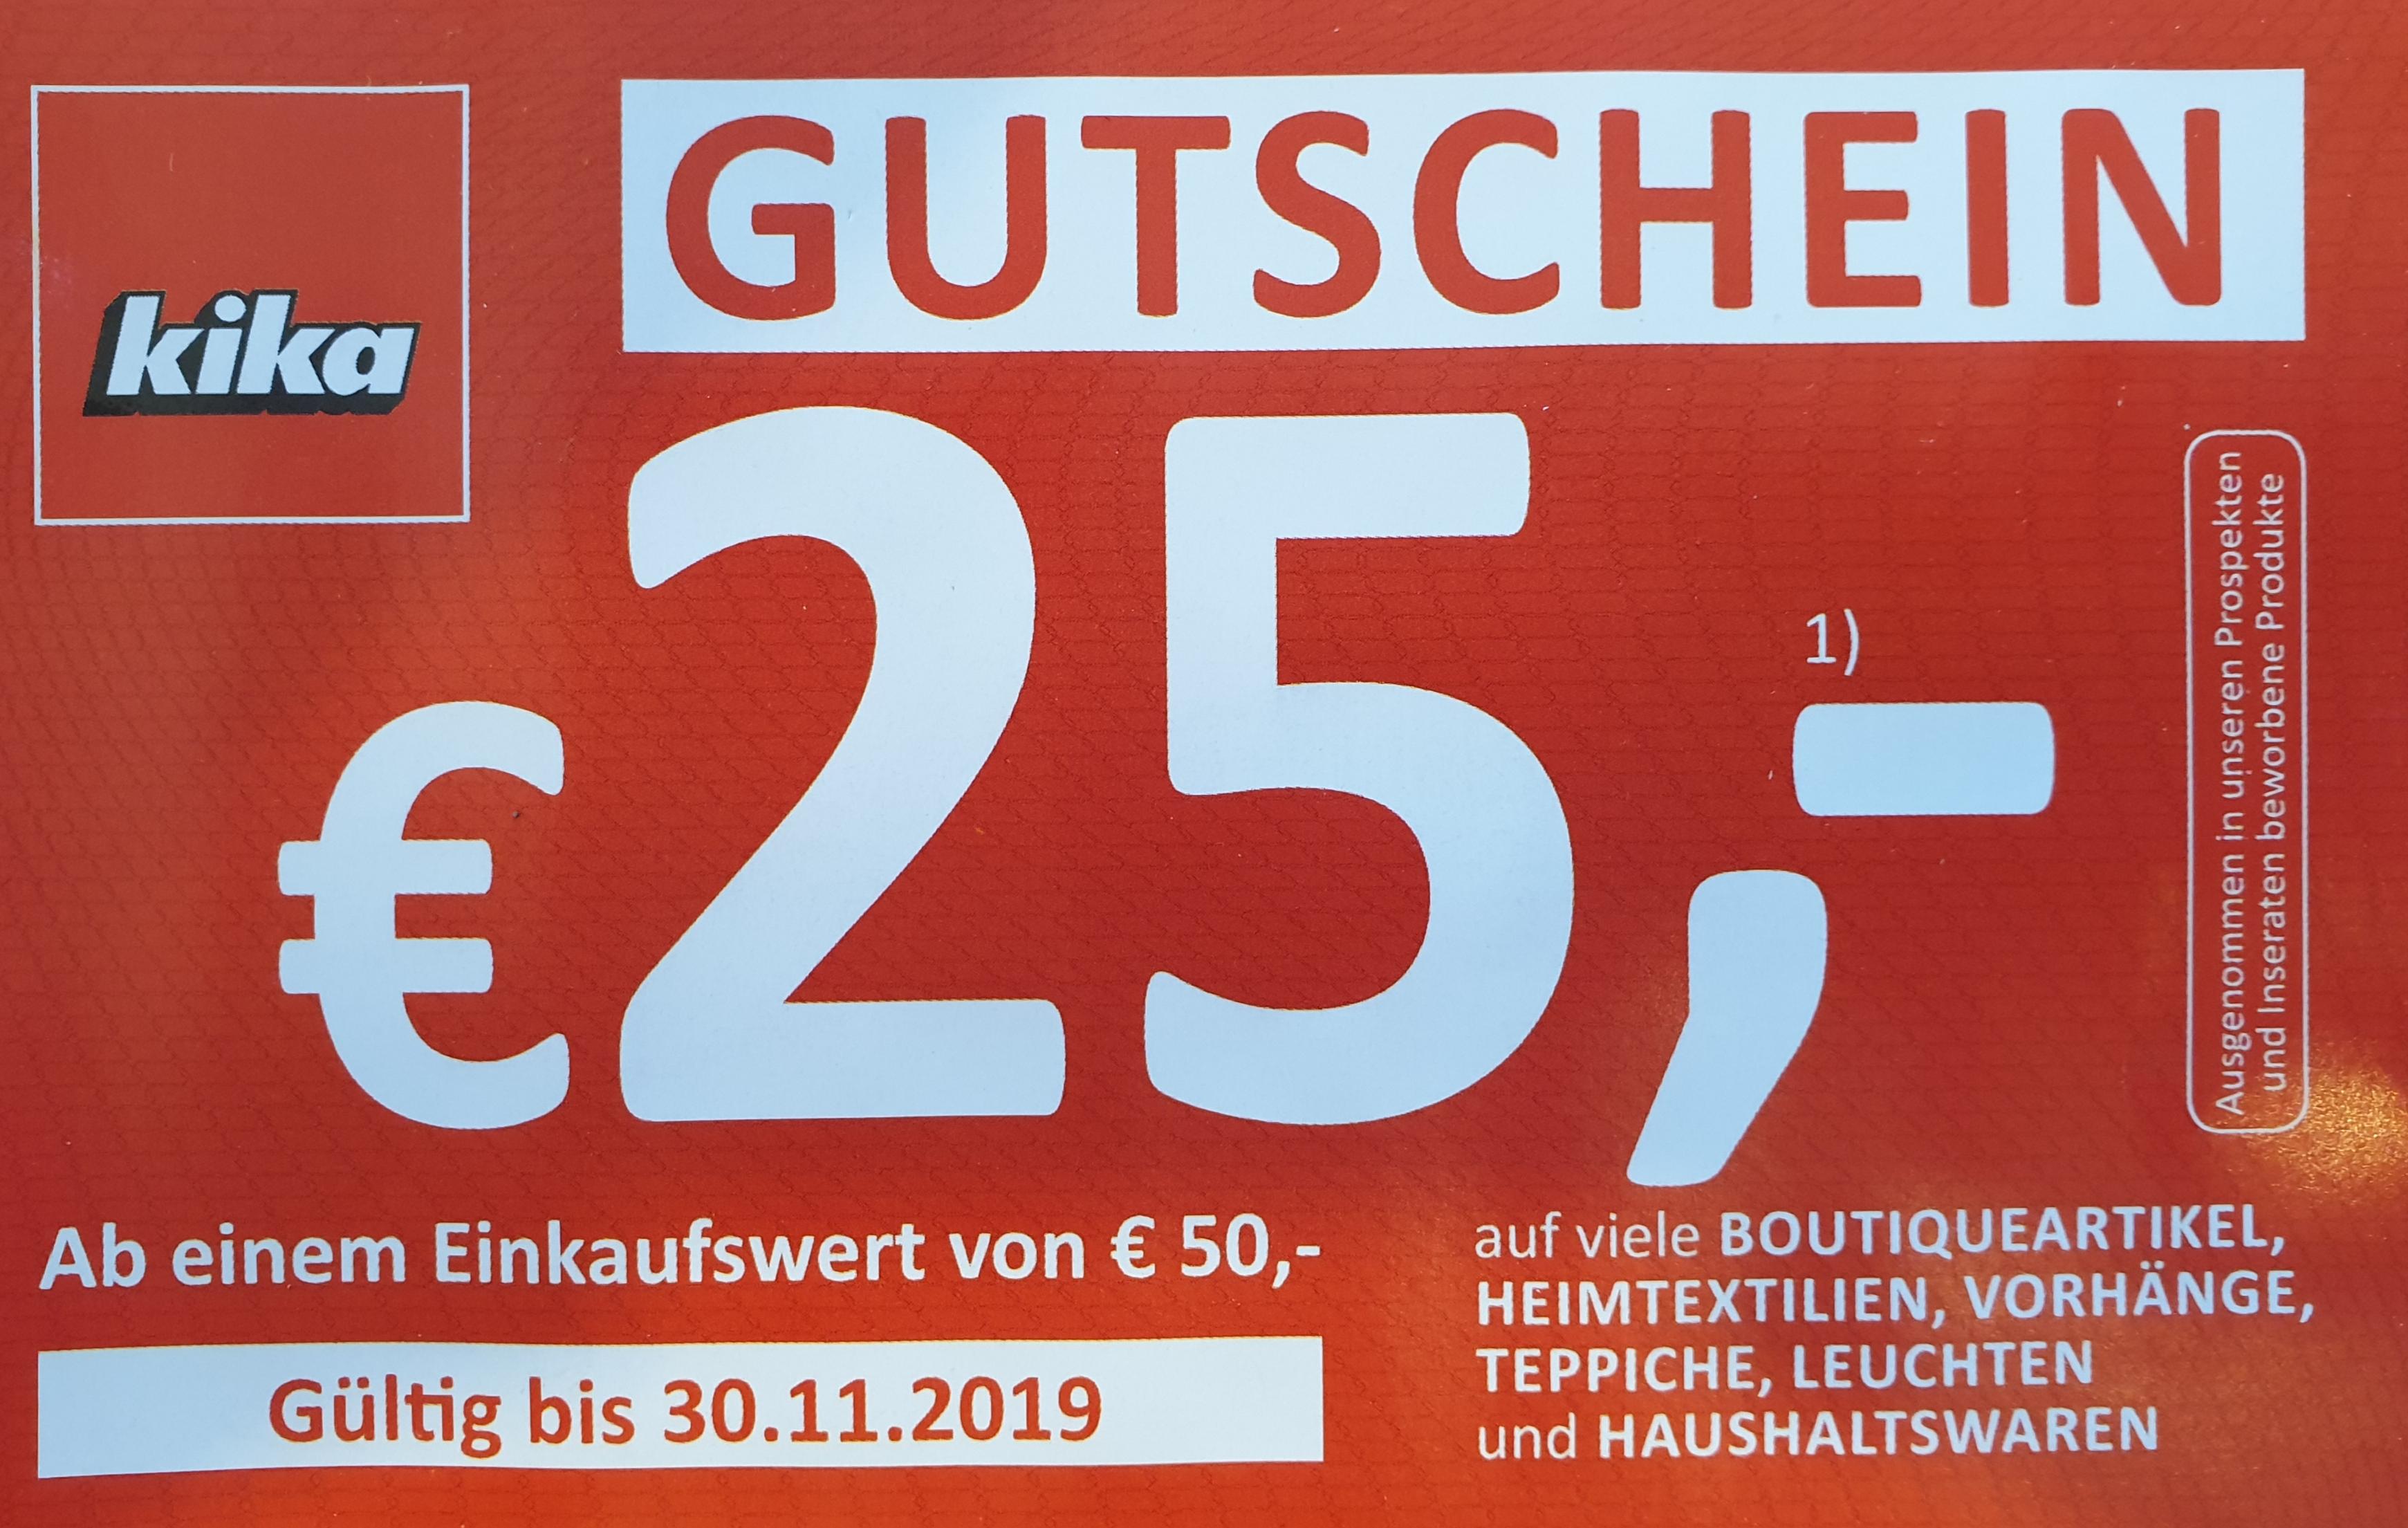 kika: EUR 25,-- Rabatt ab EUR 50,-- Einkauf